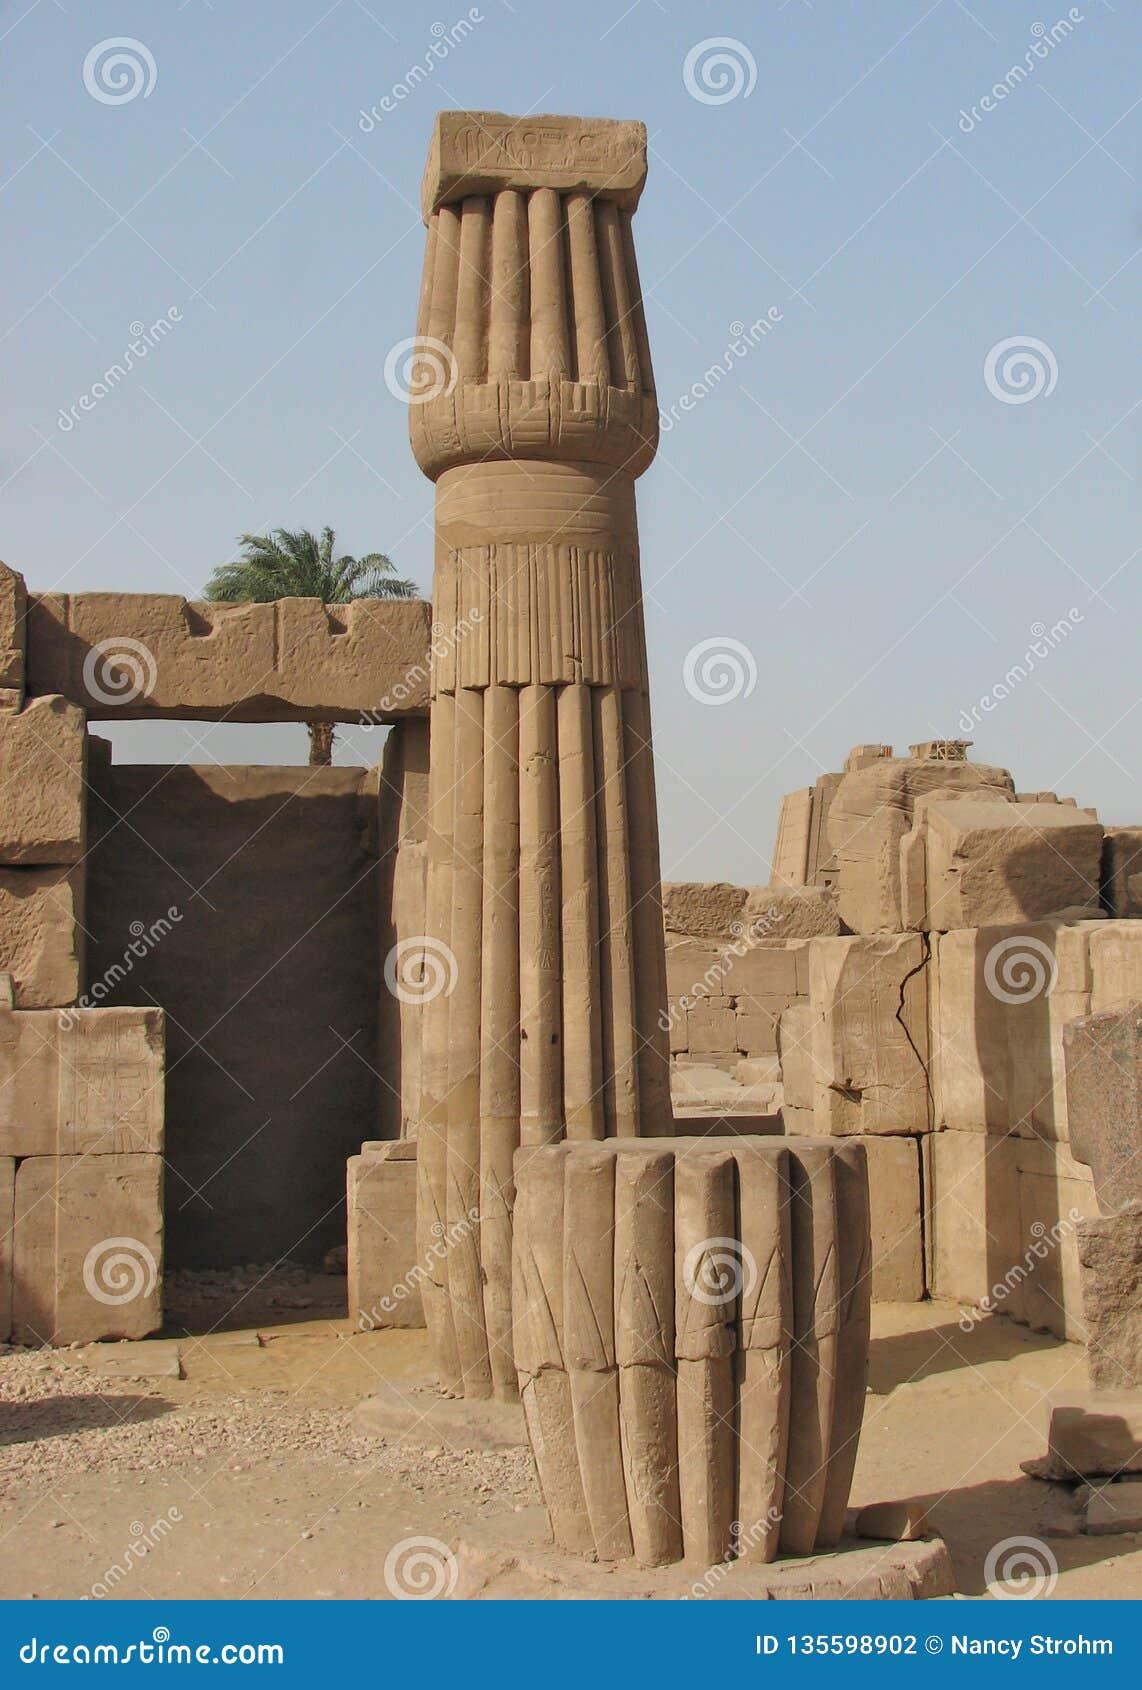 Papirusowa kolumna, świątynie Karnak, Egipt